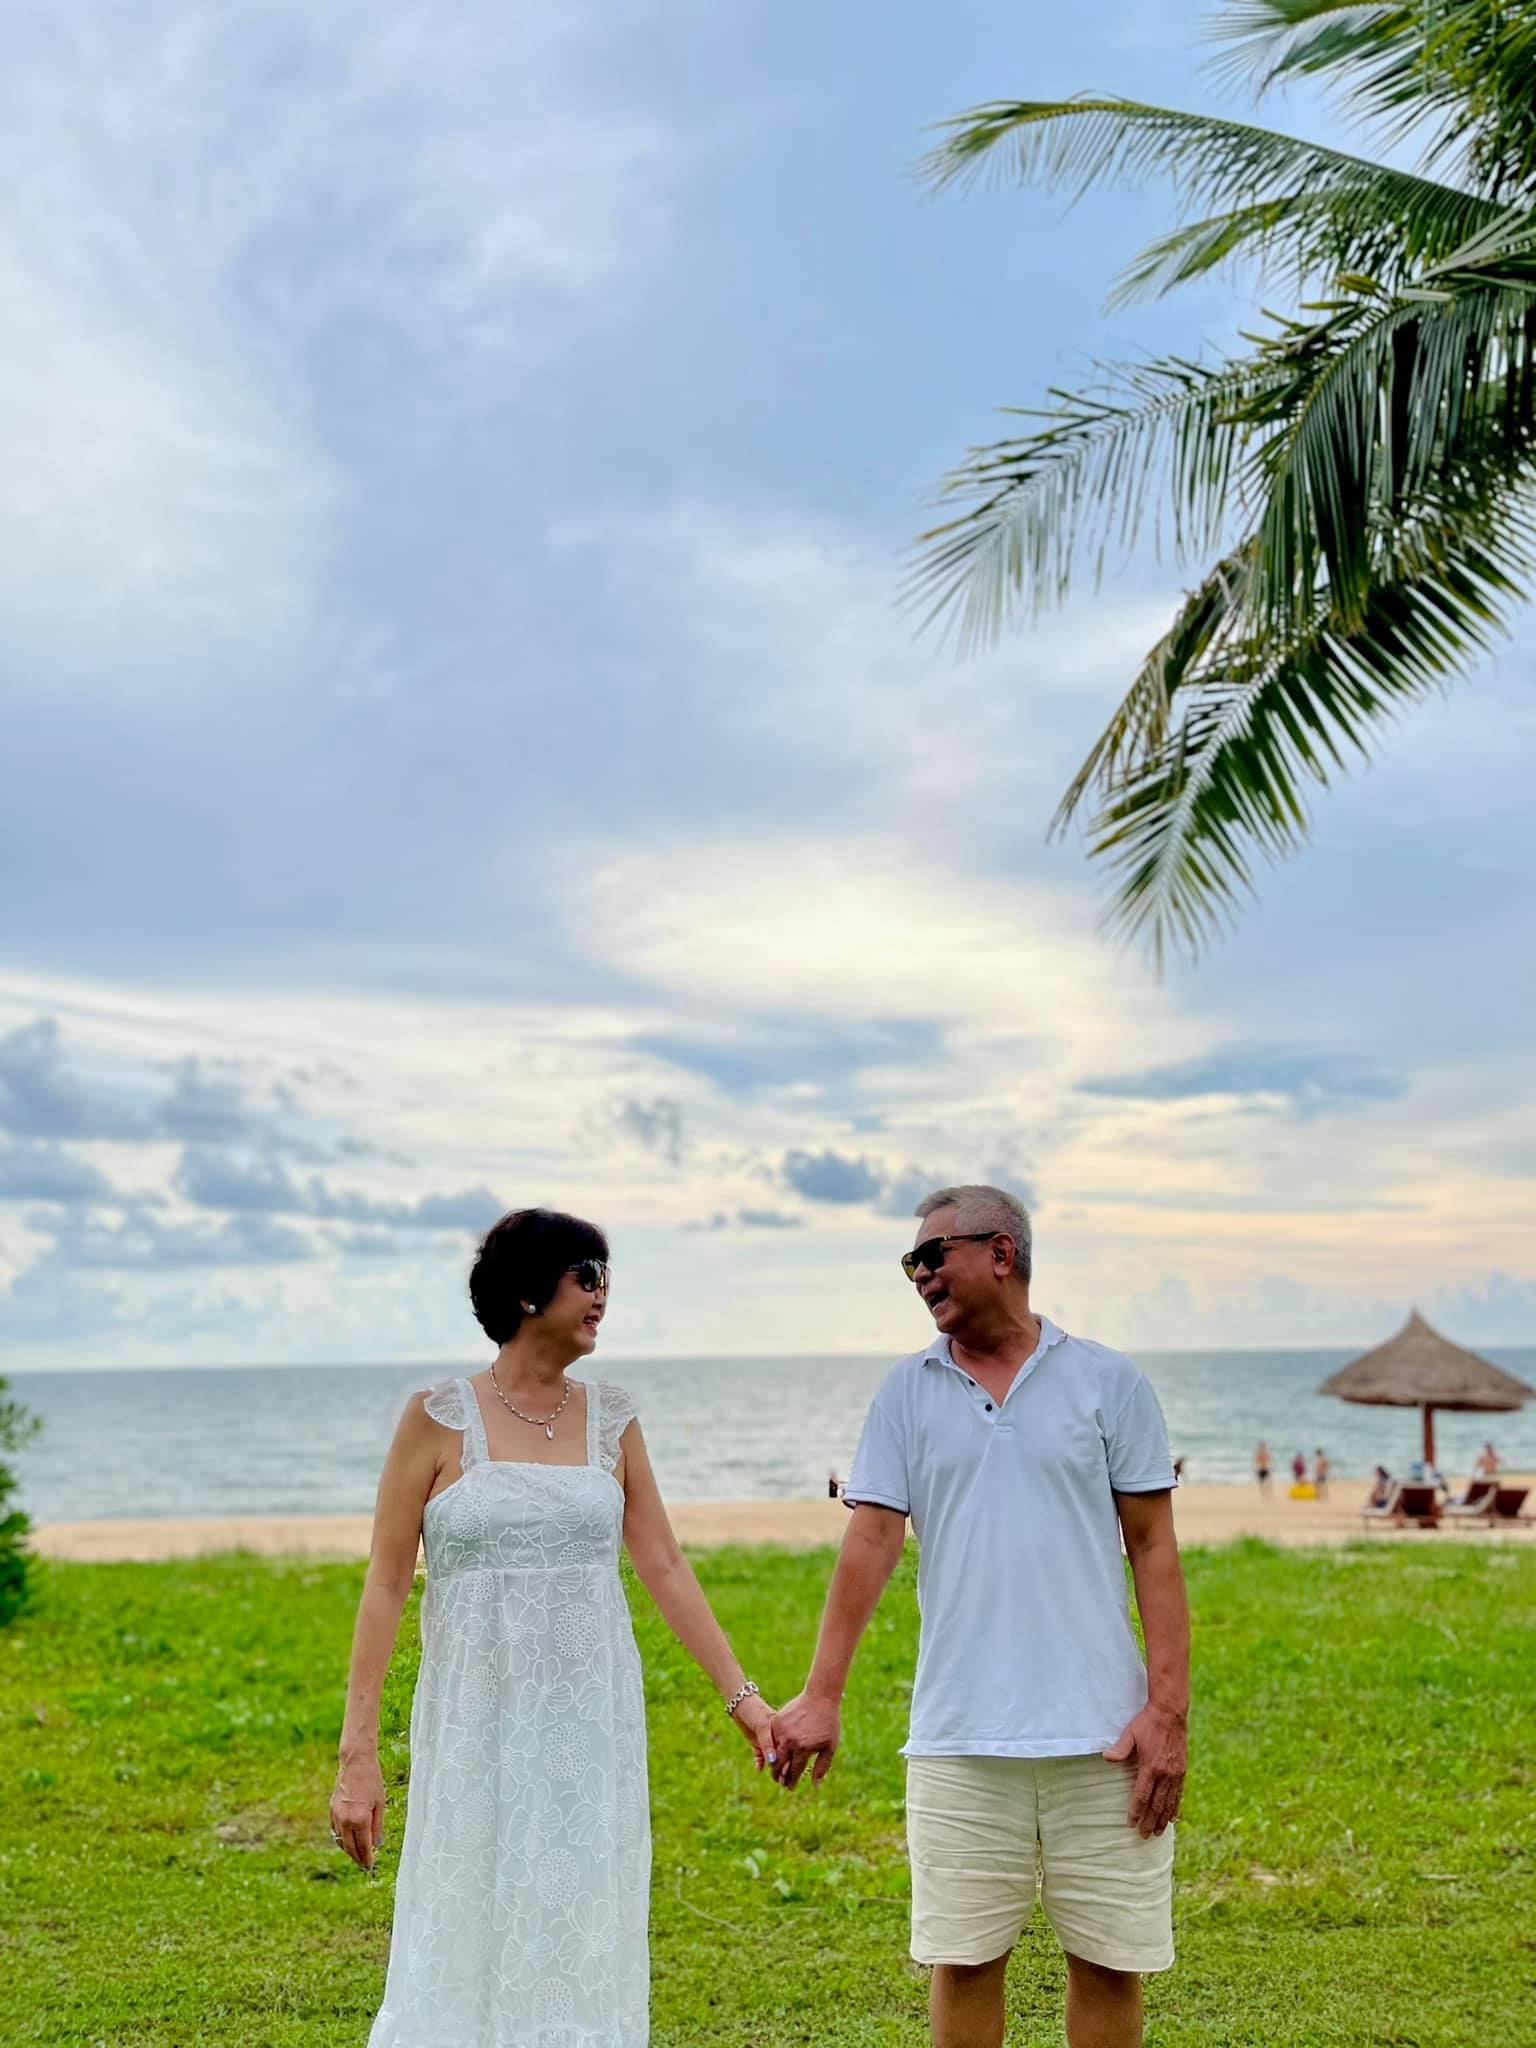 Ca sĩ Phạm Quỳnh Anh chia sẻ cô may mắn khi có một gia đình tuyệt vời, bố mẹ